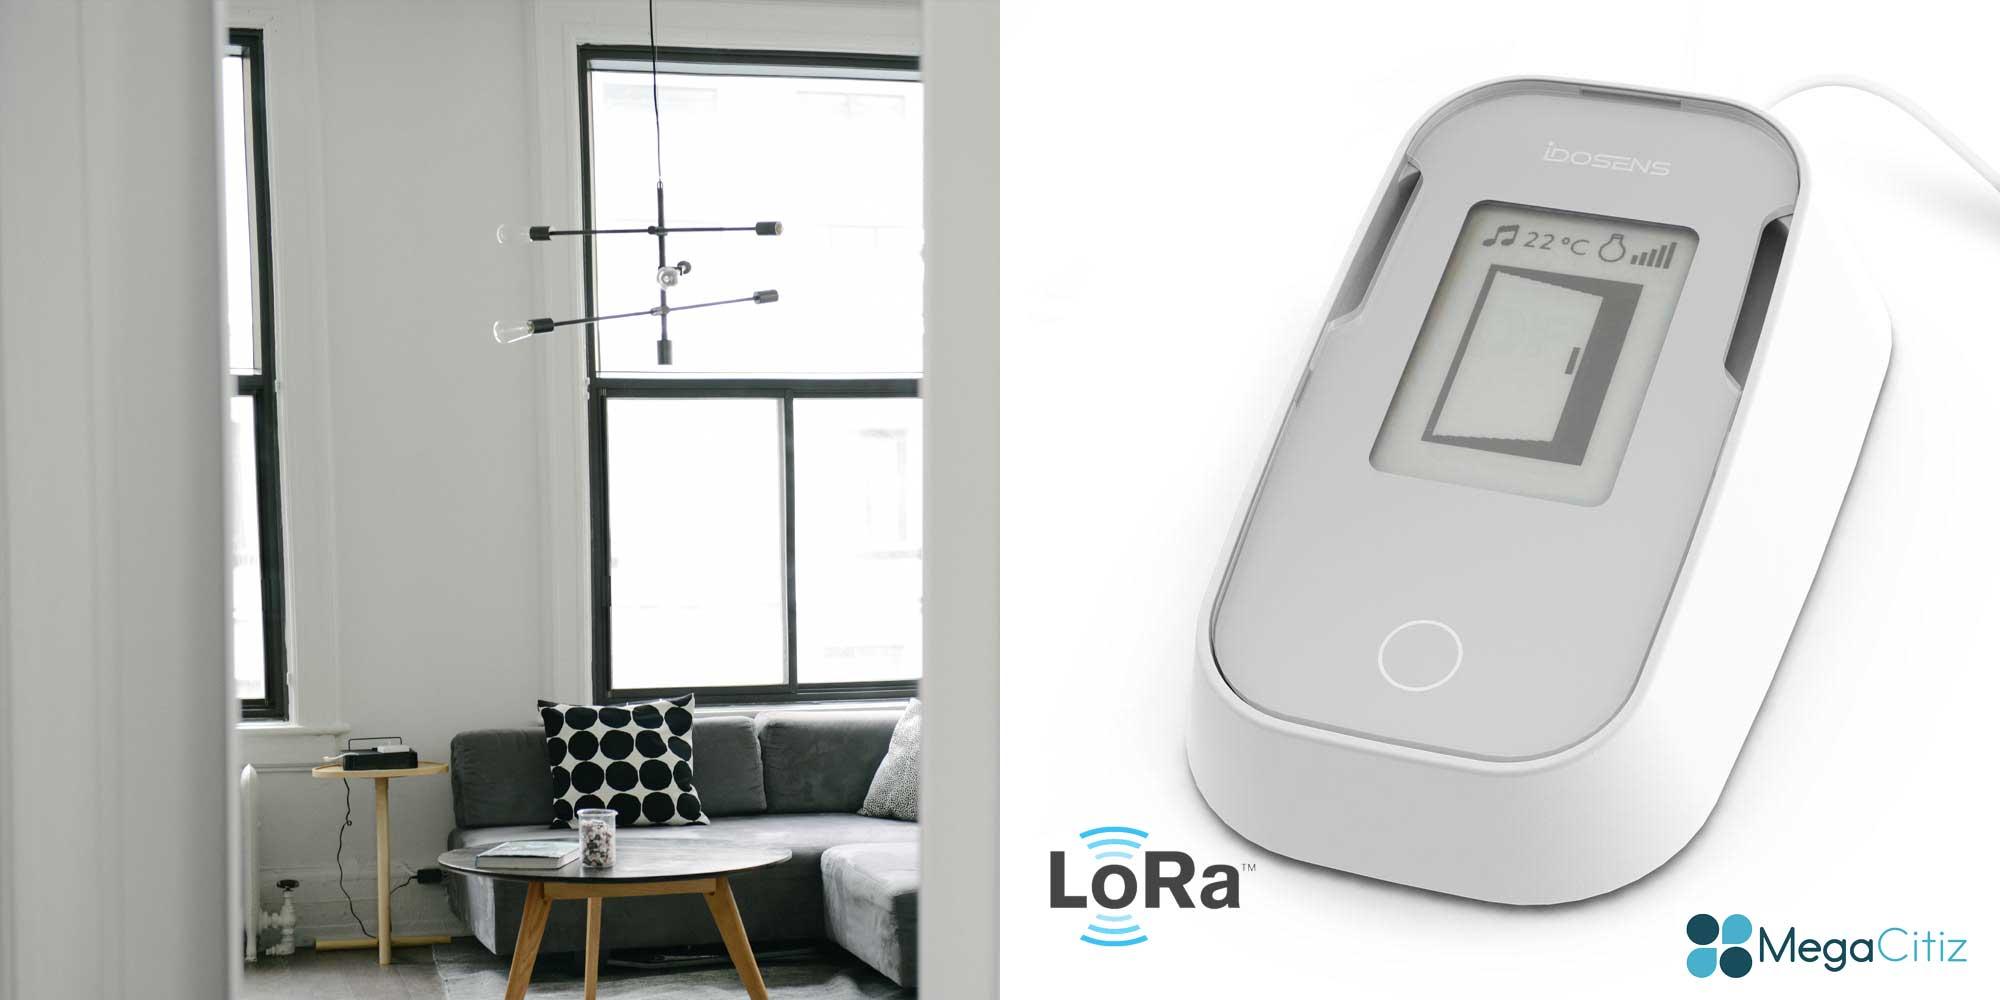 Idosens : le premier capteur d'intrusion et de température indépendant du bluetooth et d'internet